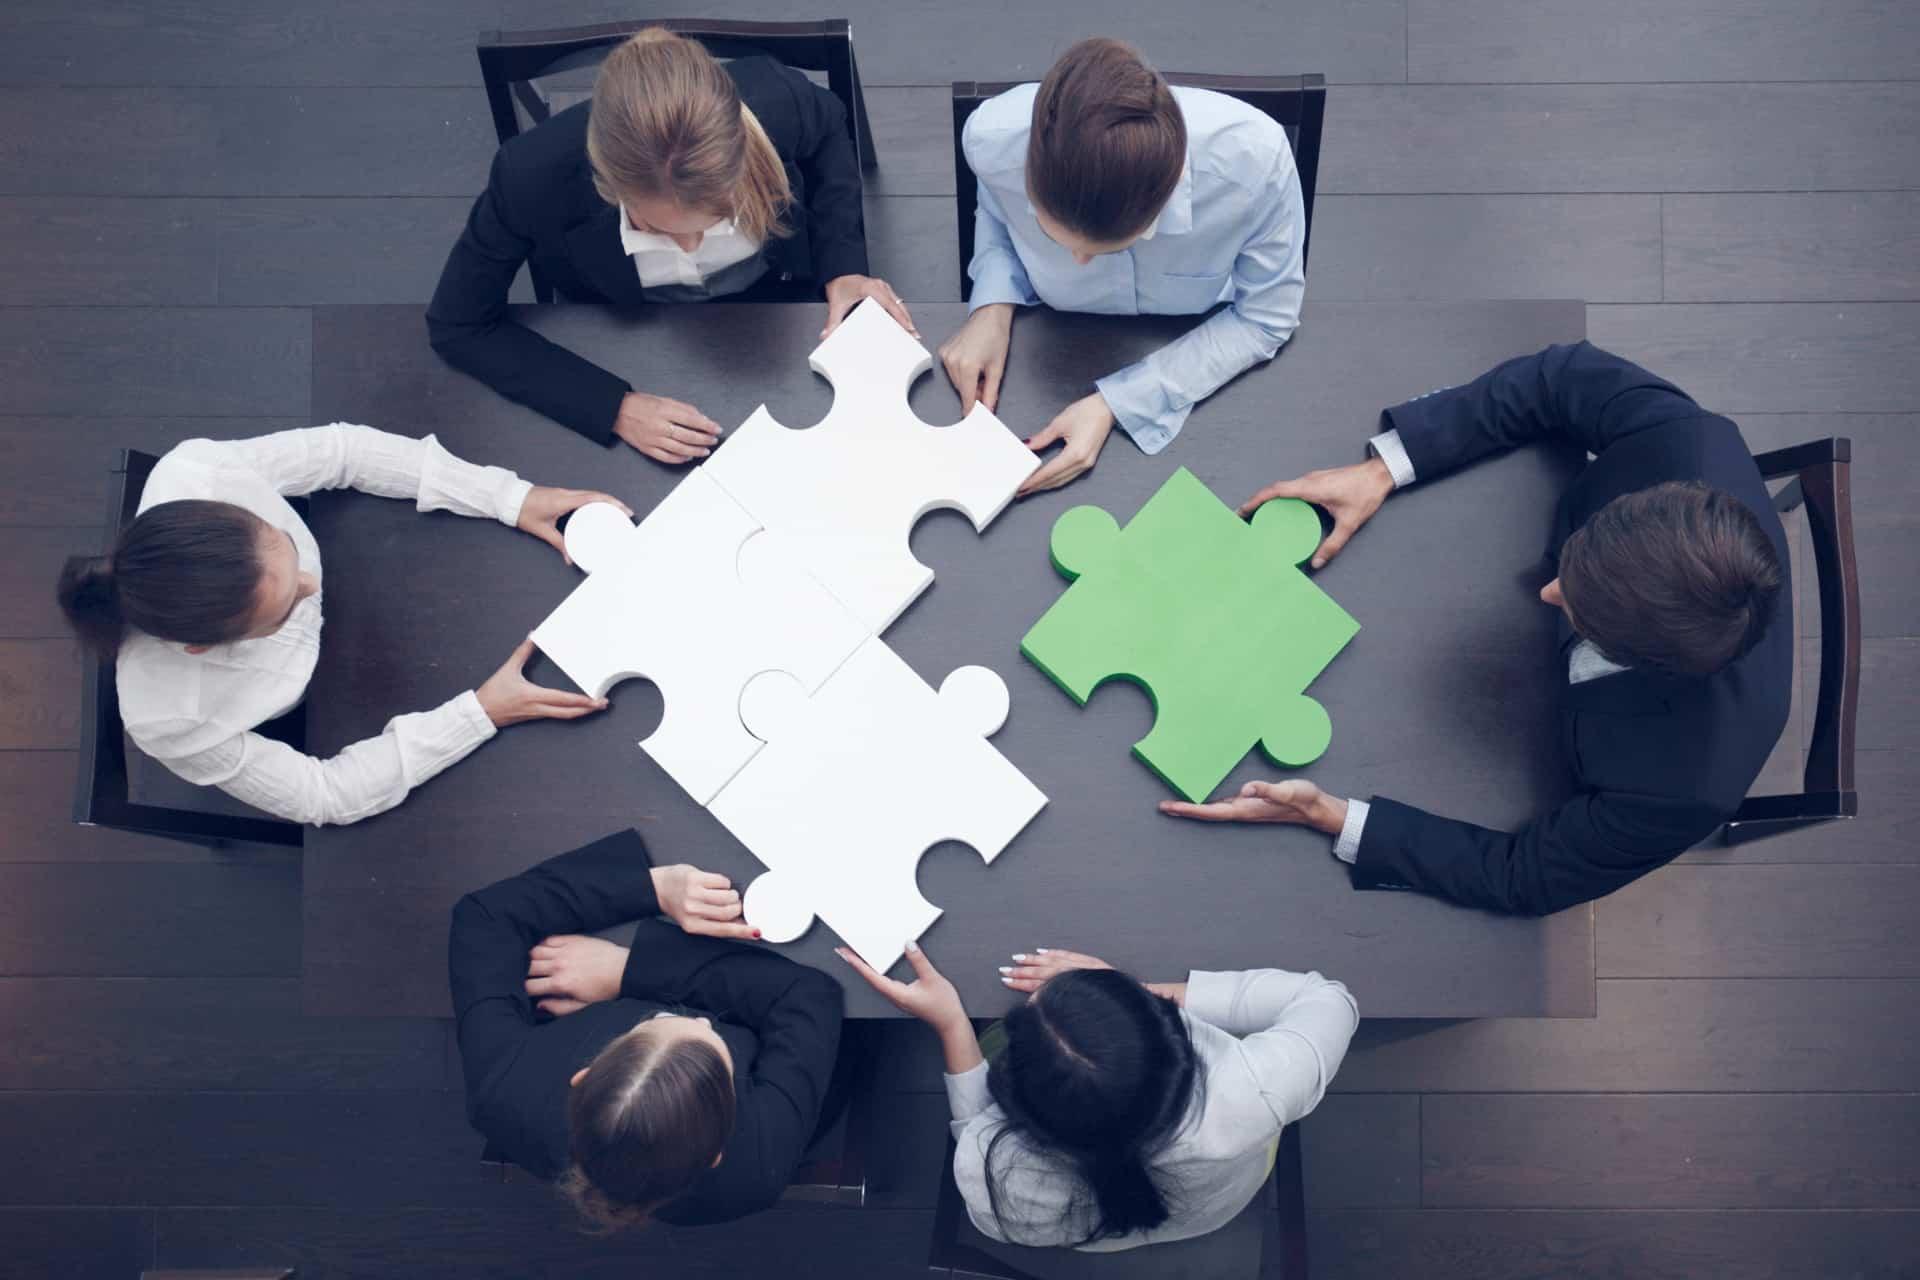 командная работа ситуационные тесты на командную работу партнеры